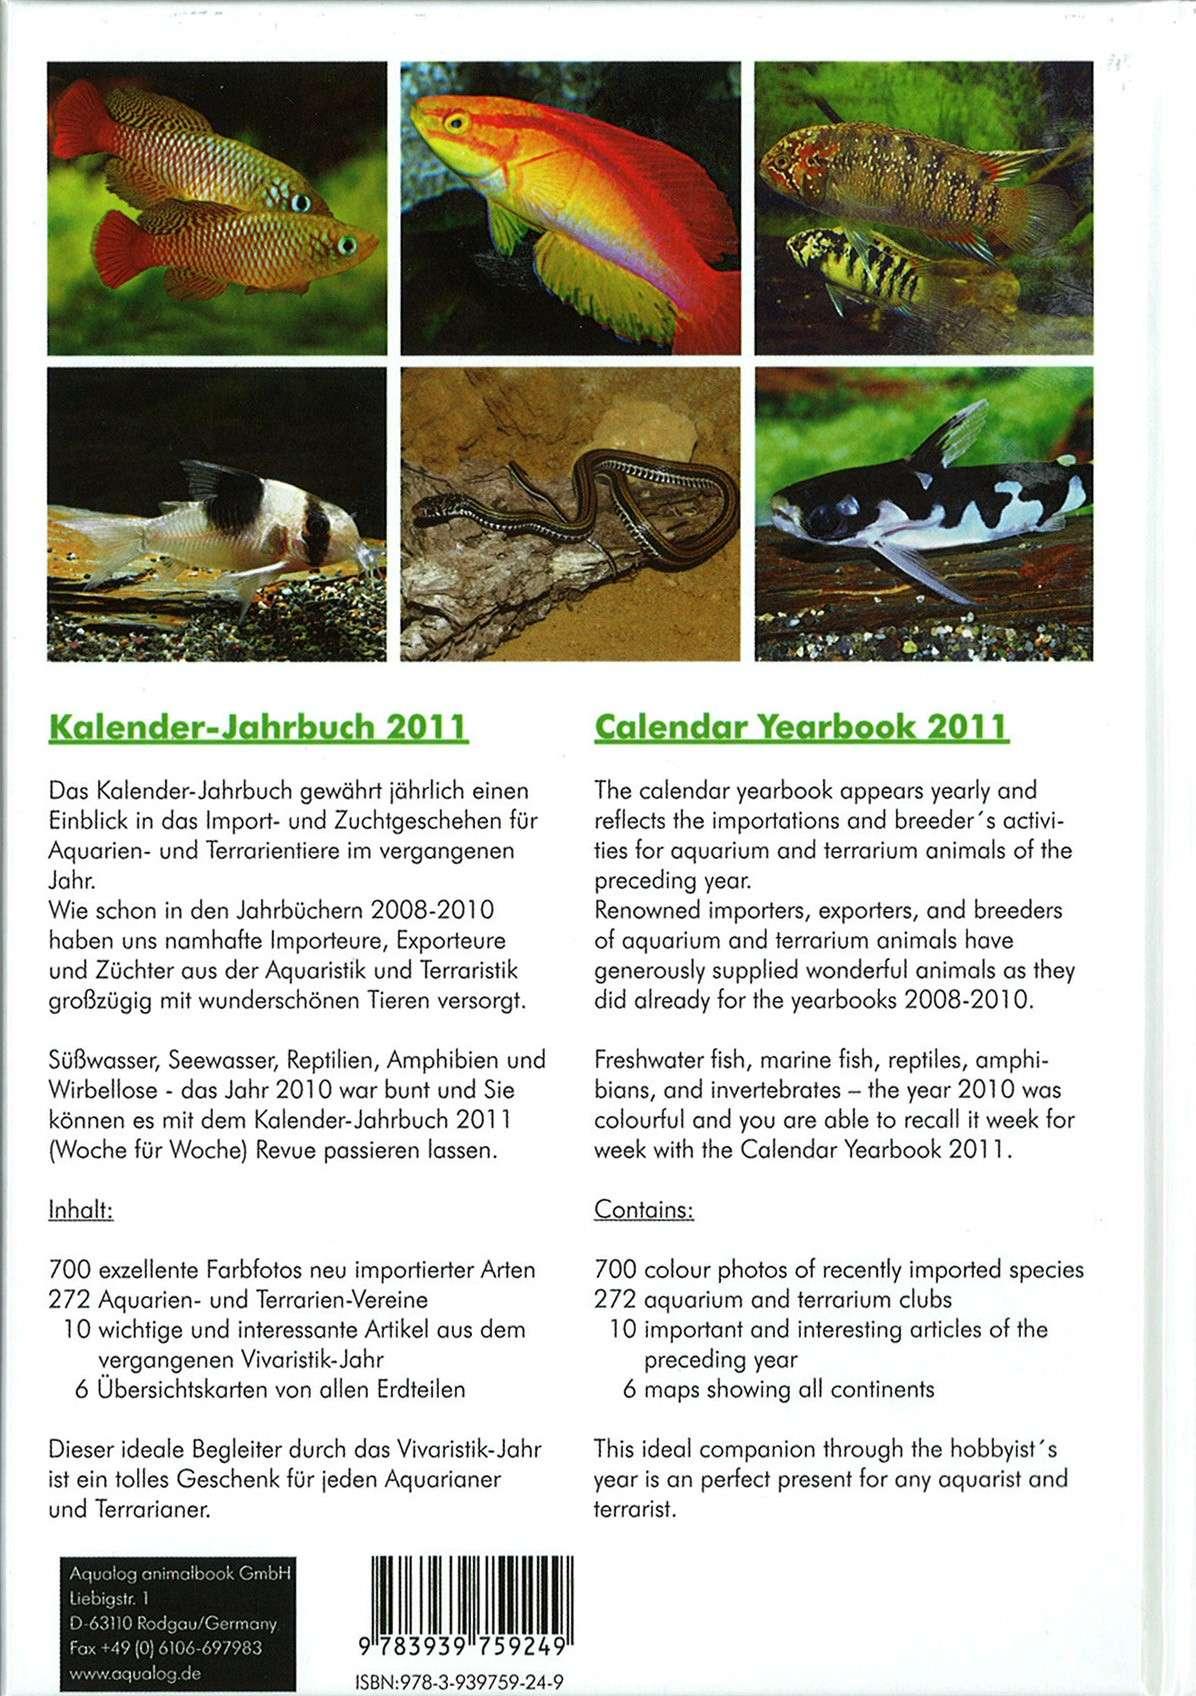 Agenda Aqualog 2011 - Verso